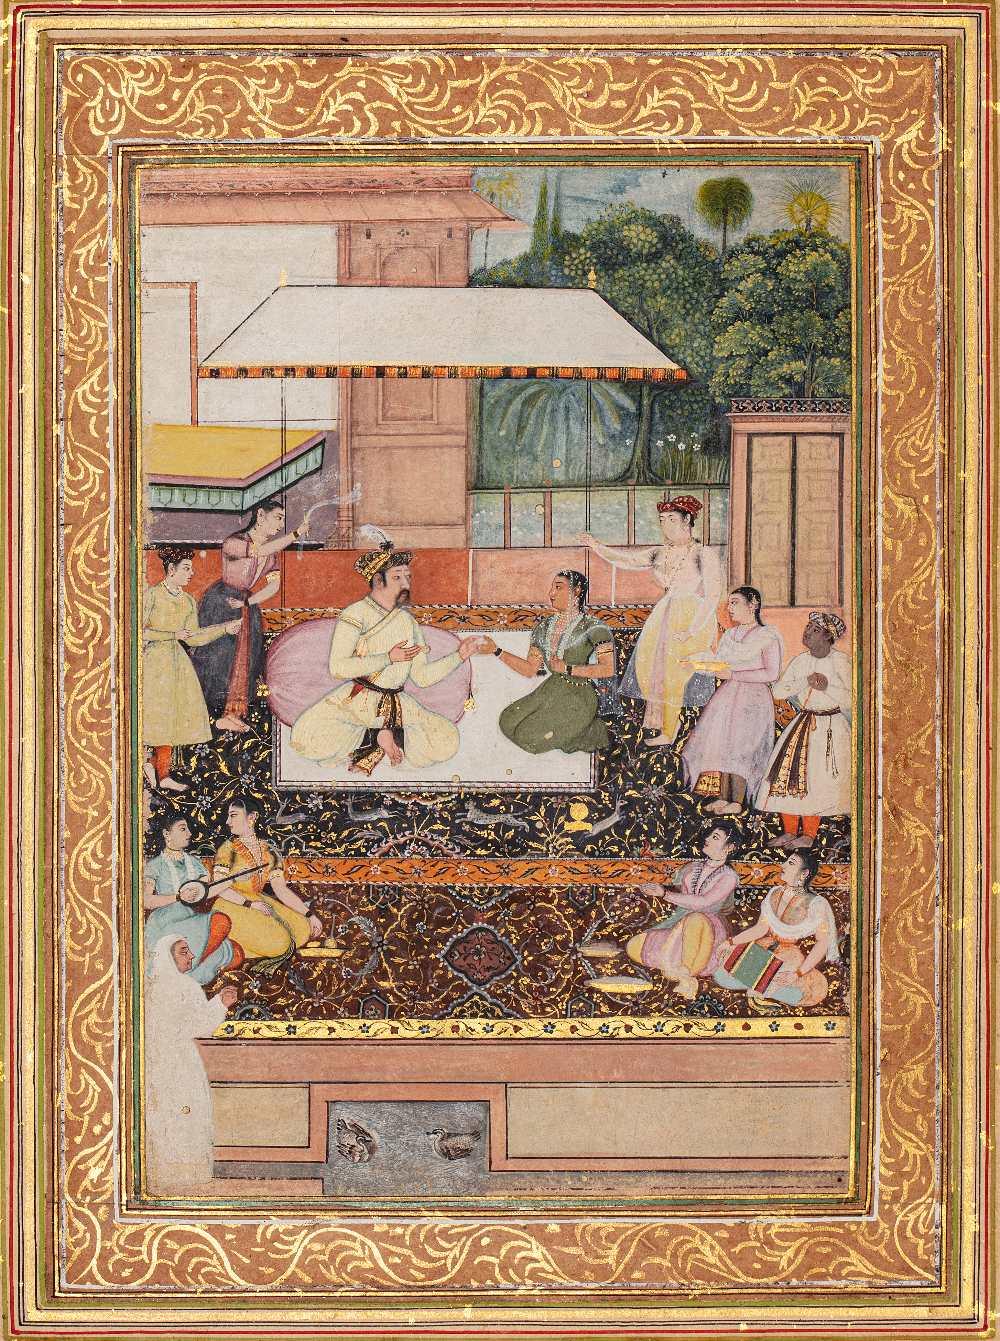 Portrait présumé du Prince moghol Daniyal Mirza (1572-1605)Inde moghole, vers 1610-1620Attribuable à